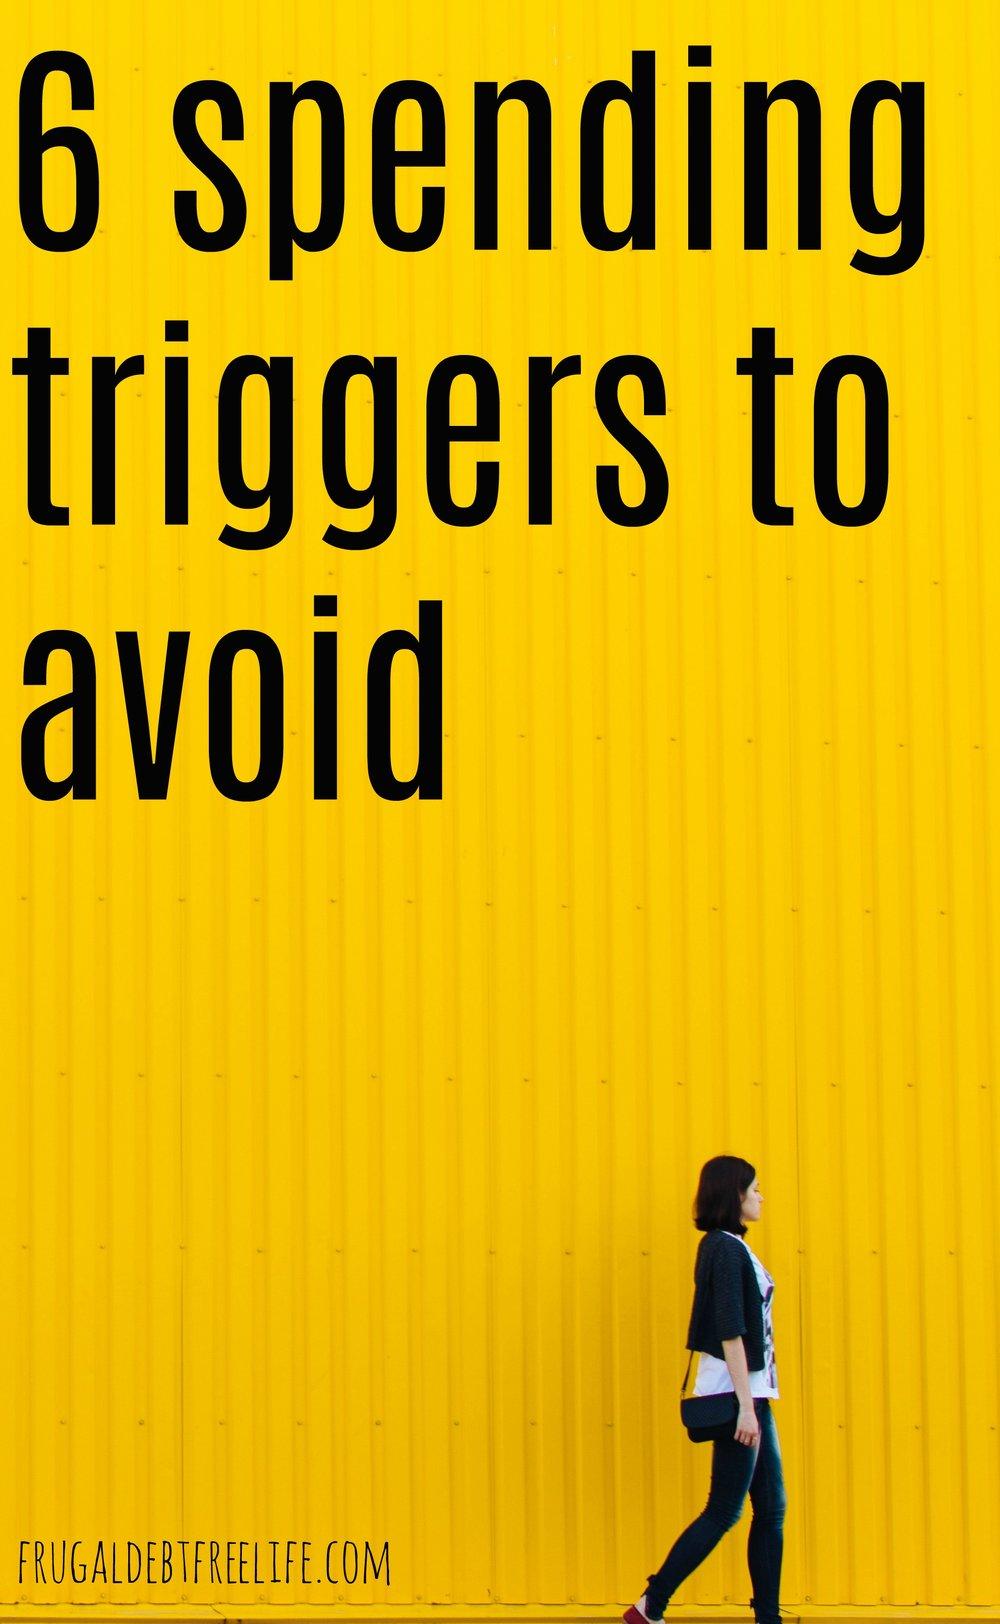 six spending triggers to avoid.jpg